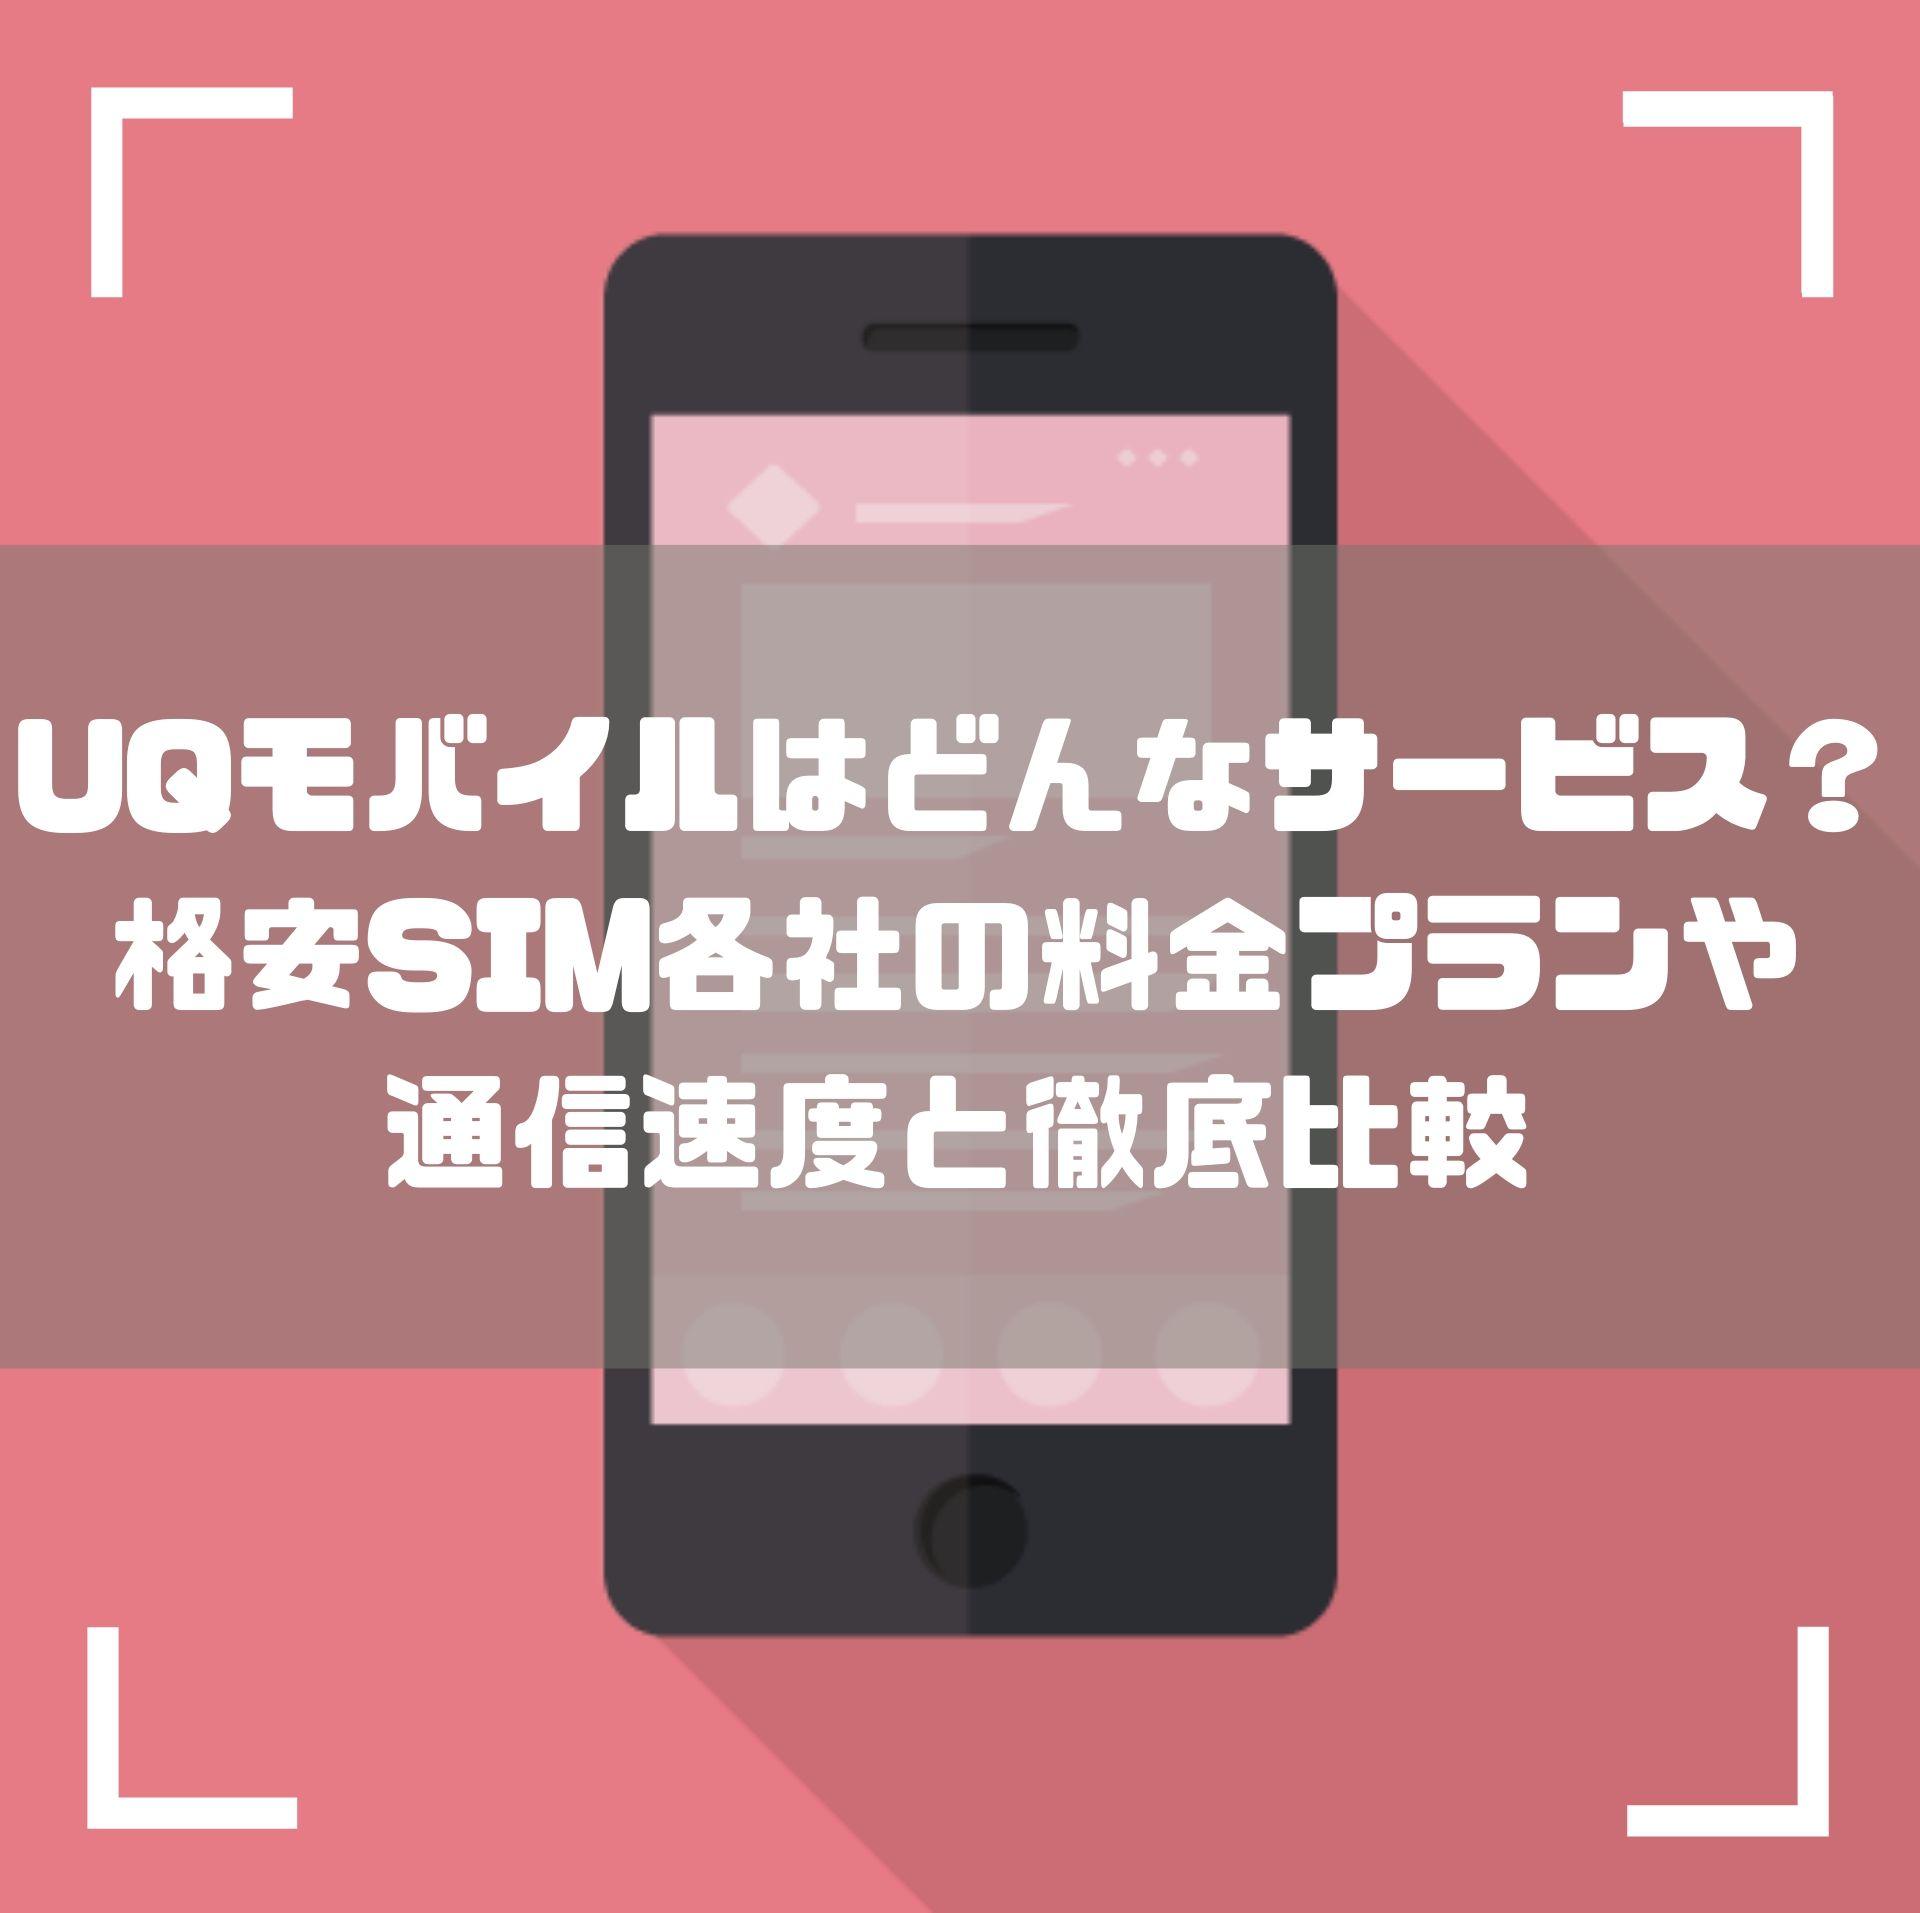 UQモバイルの評判・口コミは最悪?実際に使った口コミをもとに料金や速度を徹底解説!